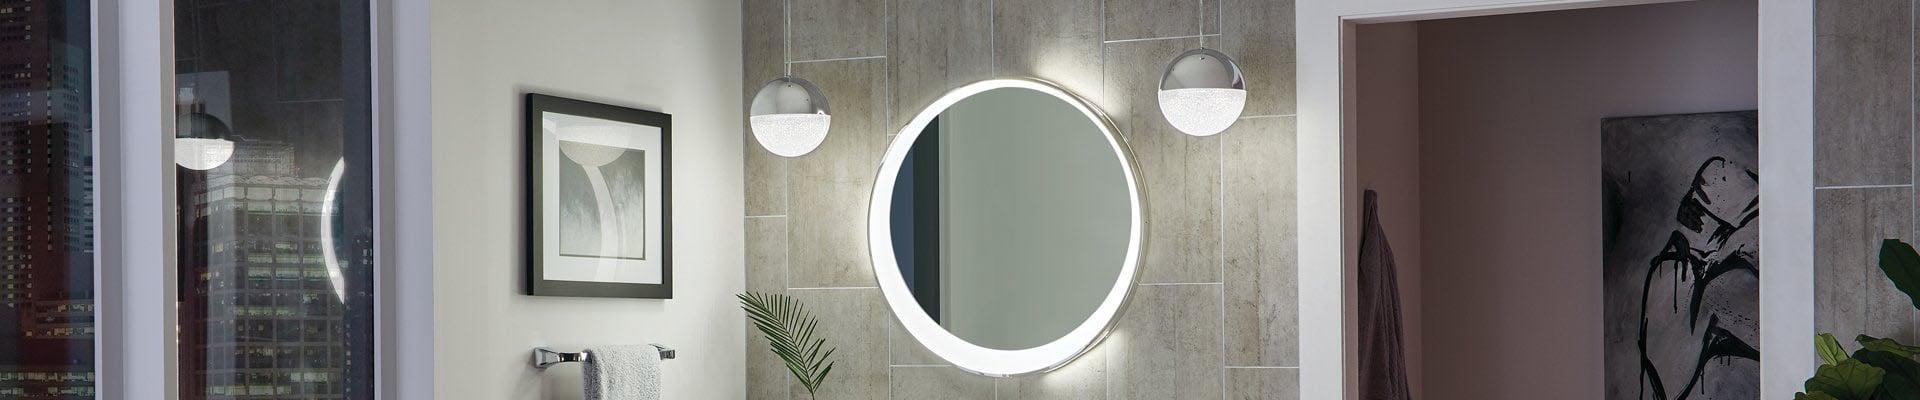 233 Lan Mirrors Kichler Lighting